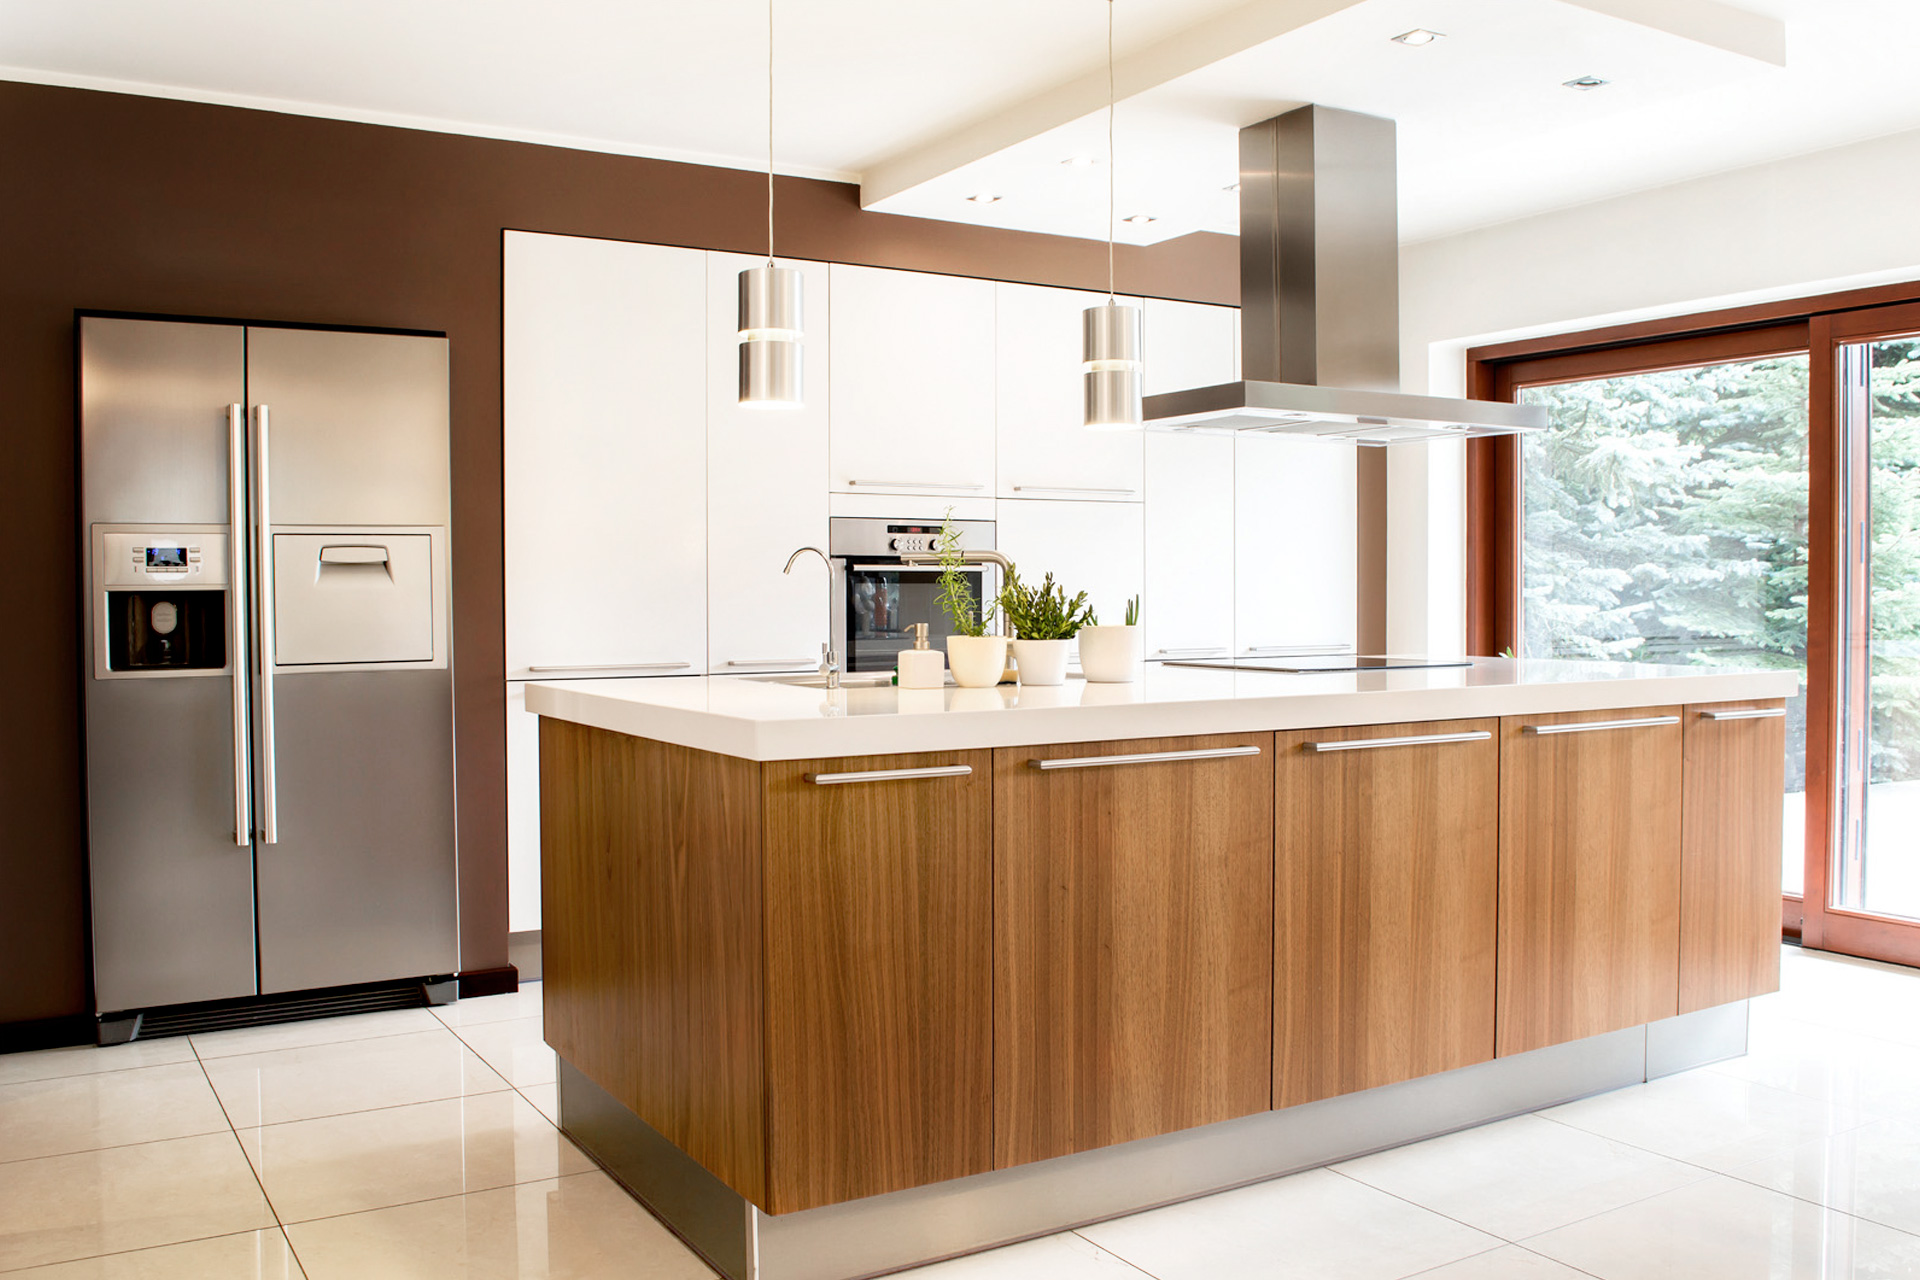 Encimeras de cocina de granito amazing una cocina moderna estrecha y muy pequea con encimera de - Encimera de cocina precios ...